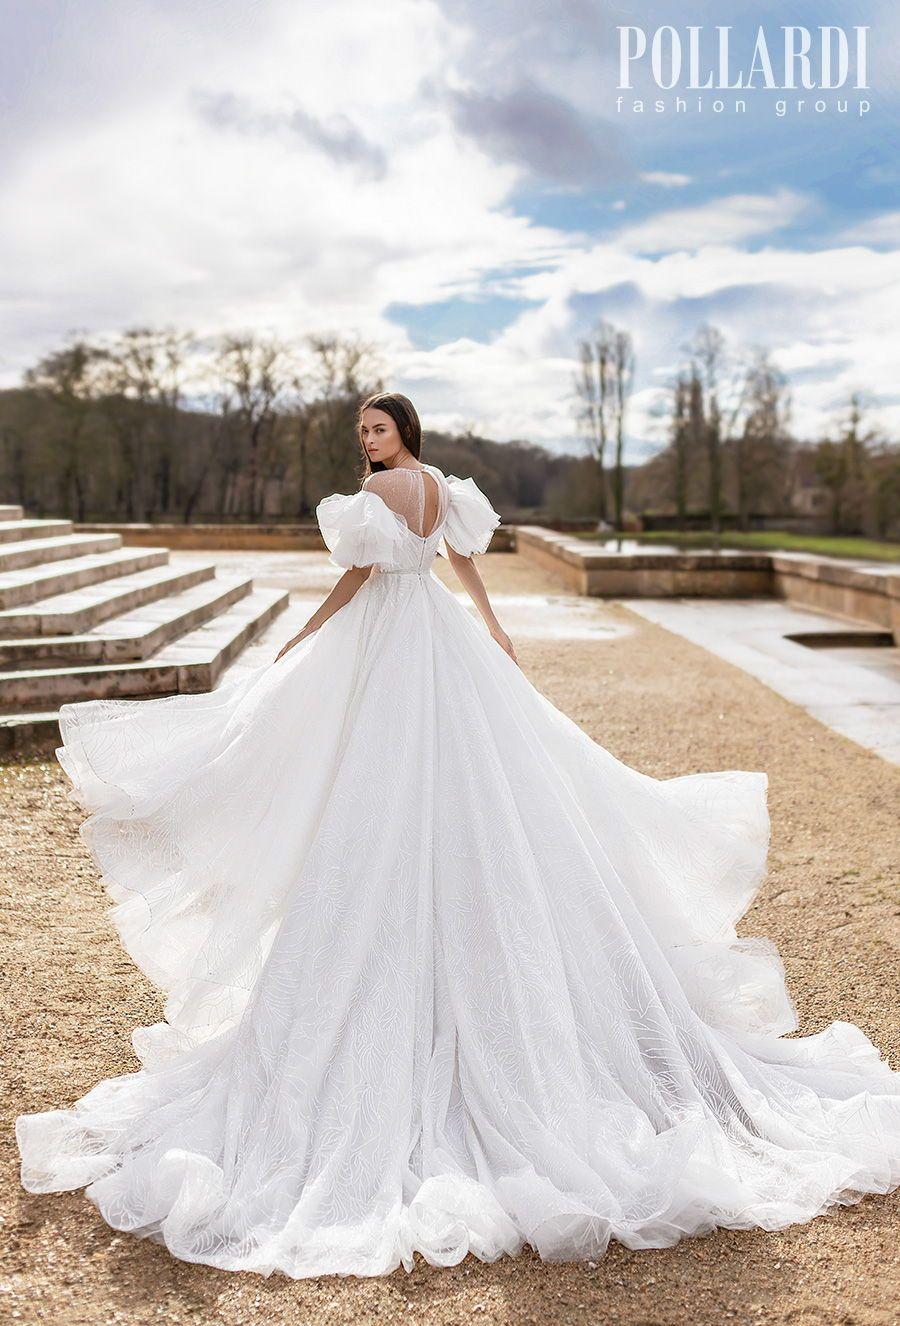 Patpan Vestido de Novia Rollo de Malla Diamantes de imitaci/ón Cinta de la Flor de pl/ástico espumoso Correa del Abrigo de Recorte Plata